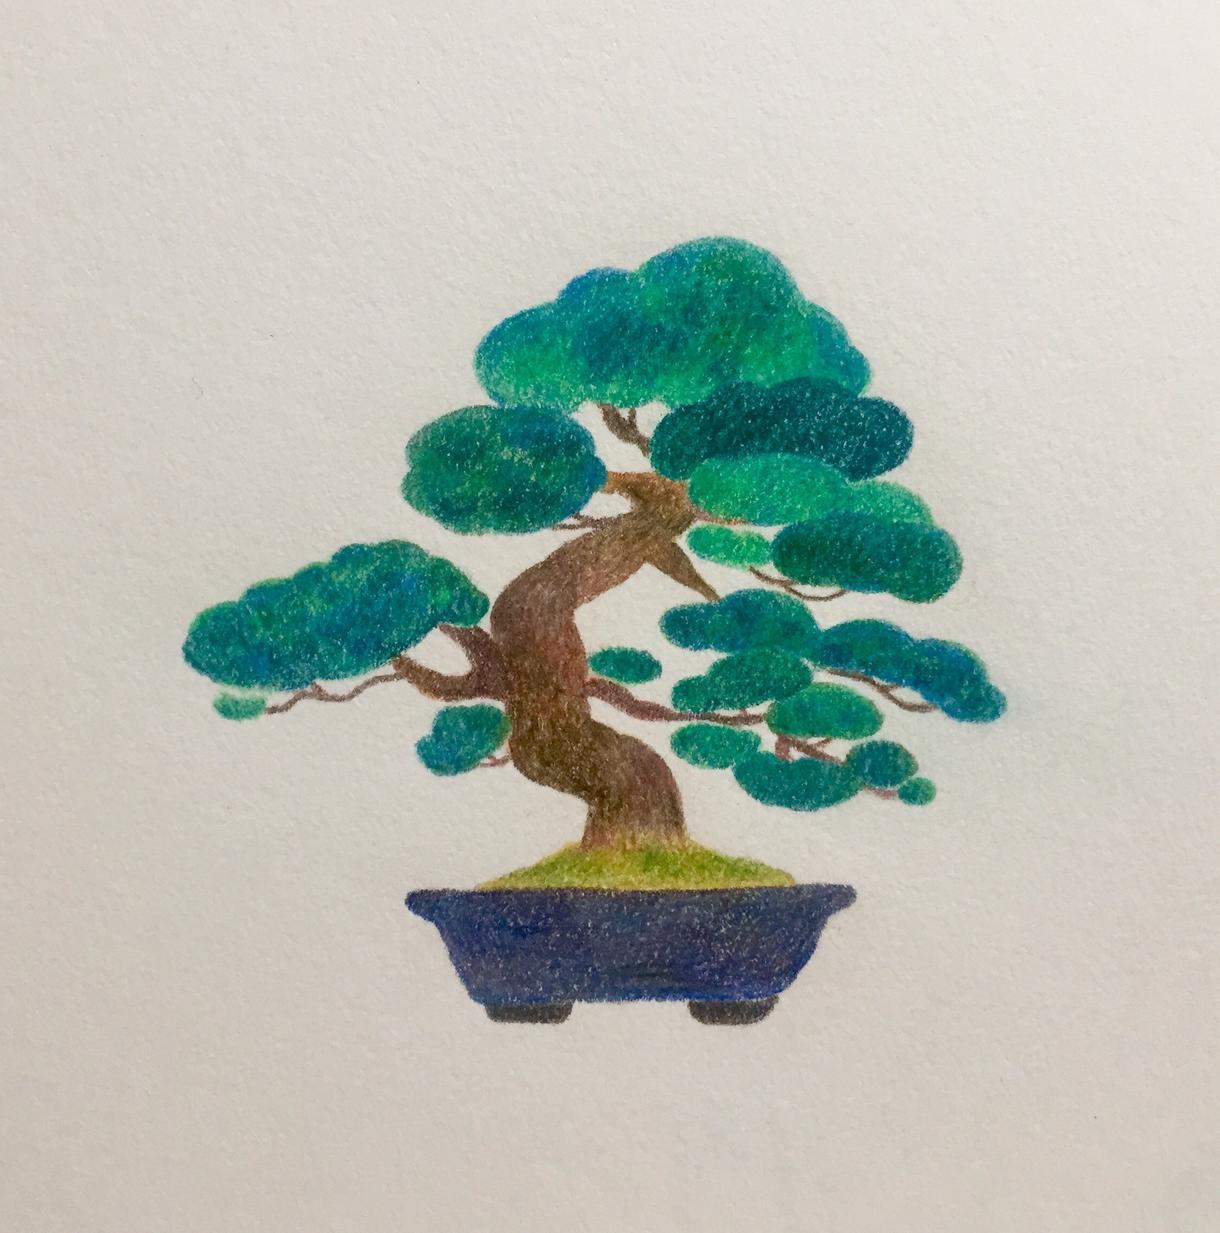 商用OK★ほっこり可愛いい色鉛筆イラスト描きます 広告や雑誌の挿絵にも◎優しいタッチで誌面を和ませます!